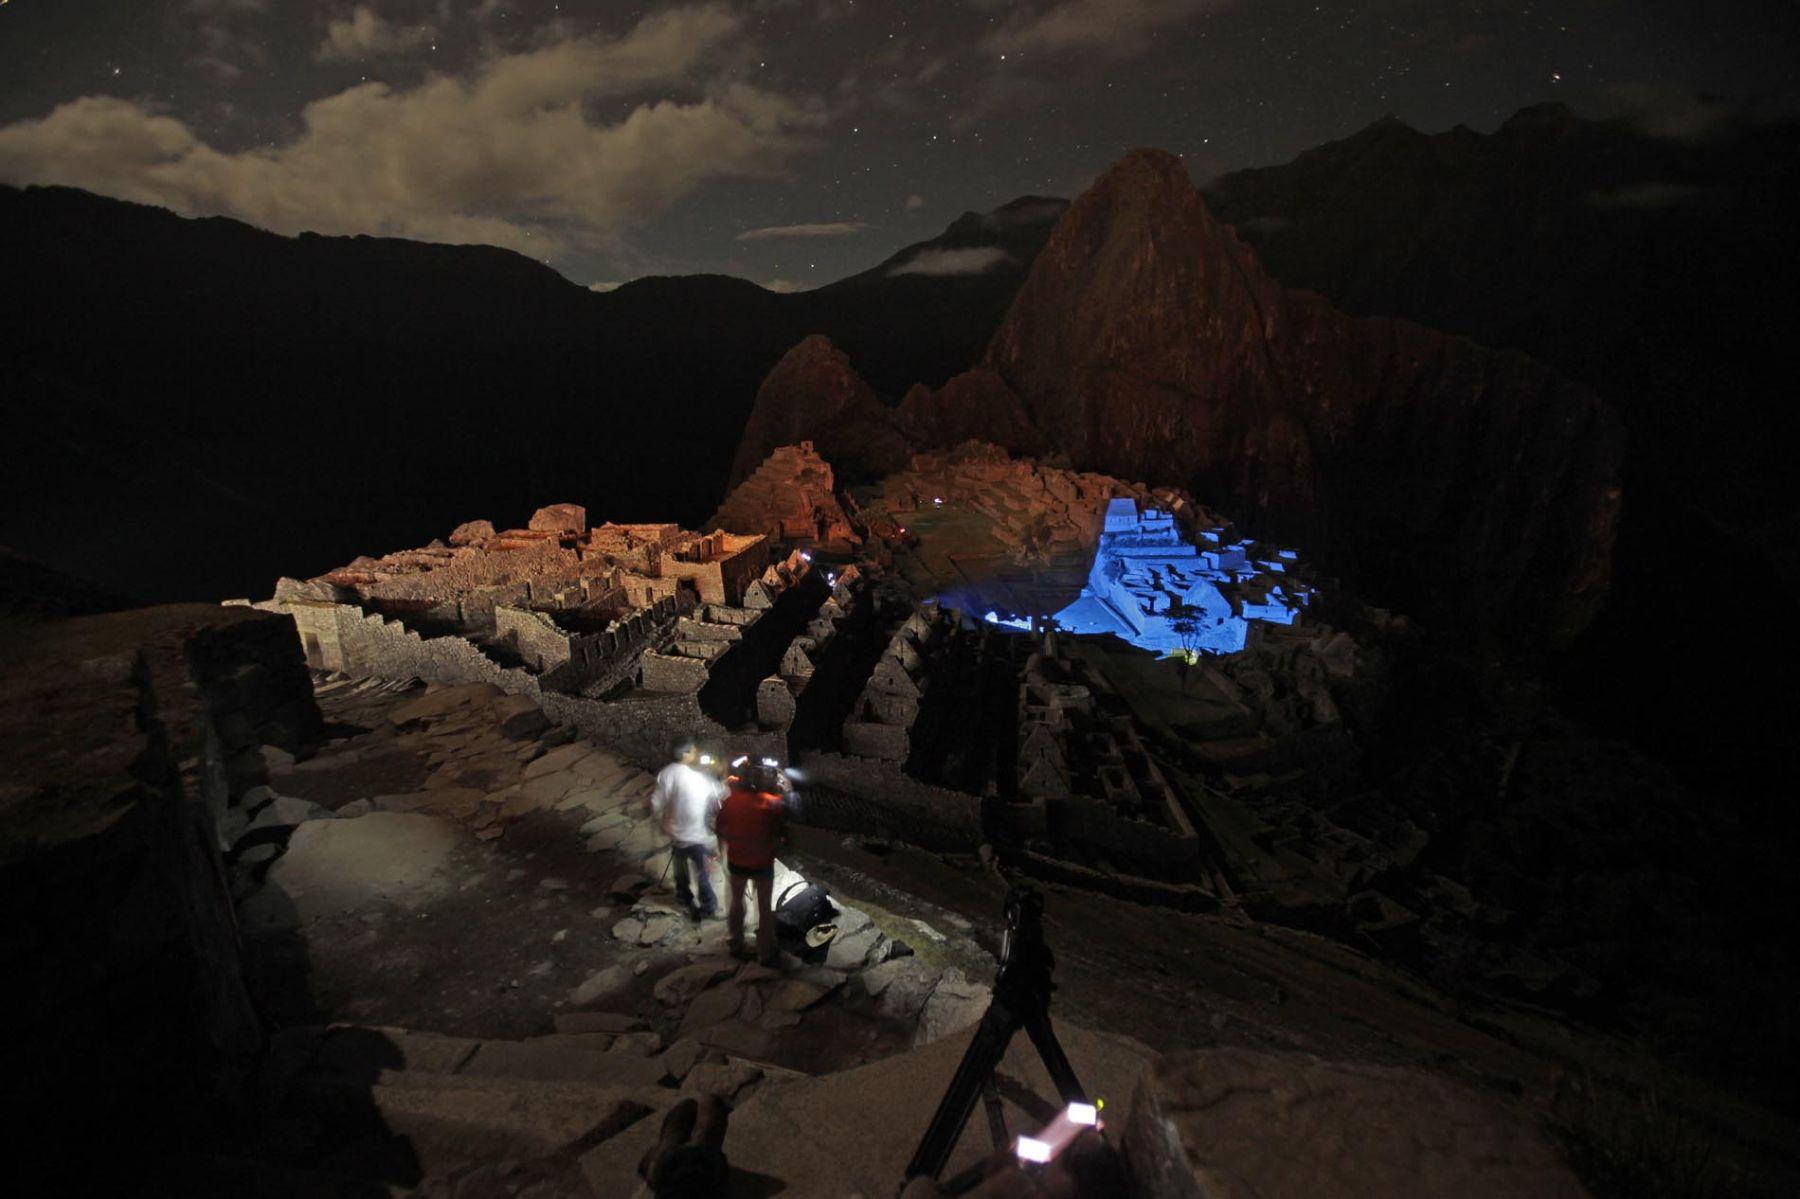 Prueba de luces en la ciudadela de Machu Picchu, previo a la conmemoración de los 100 años del descubrimiento del santuario inca. Foto: ANDINA/Alberto Orbegoso